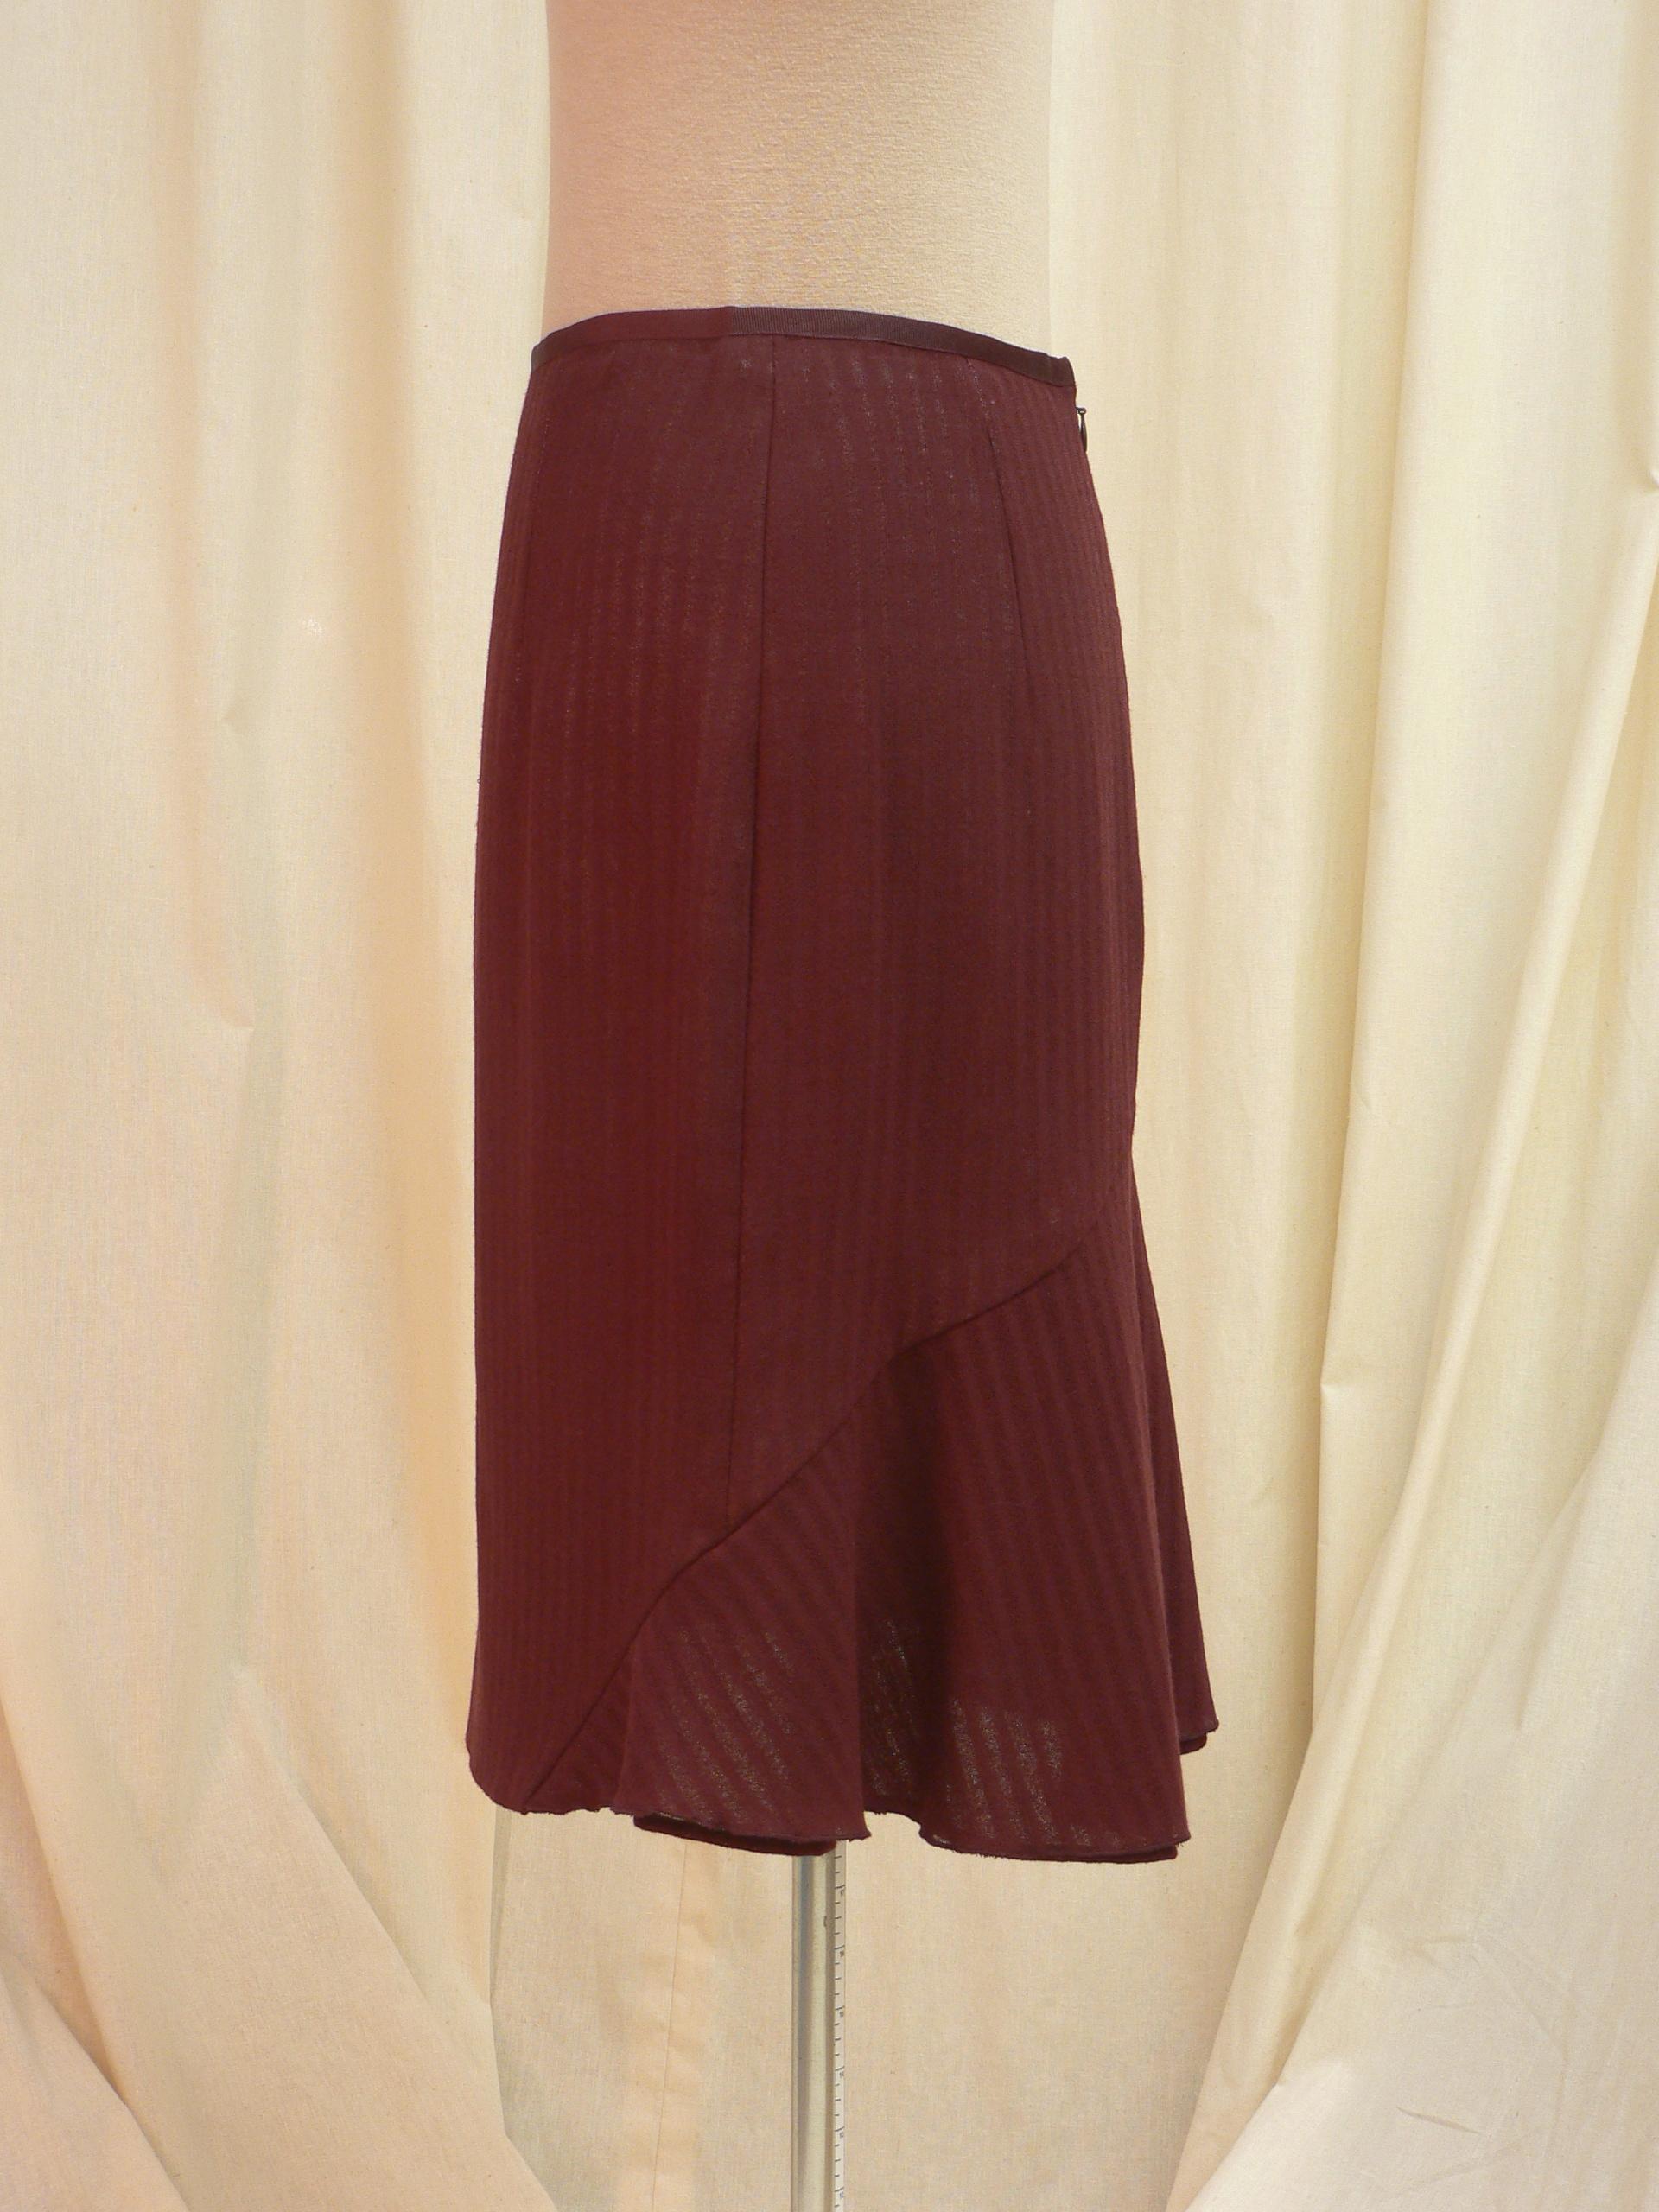 skirt05_side2.JPG